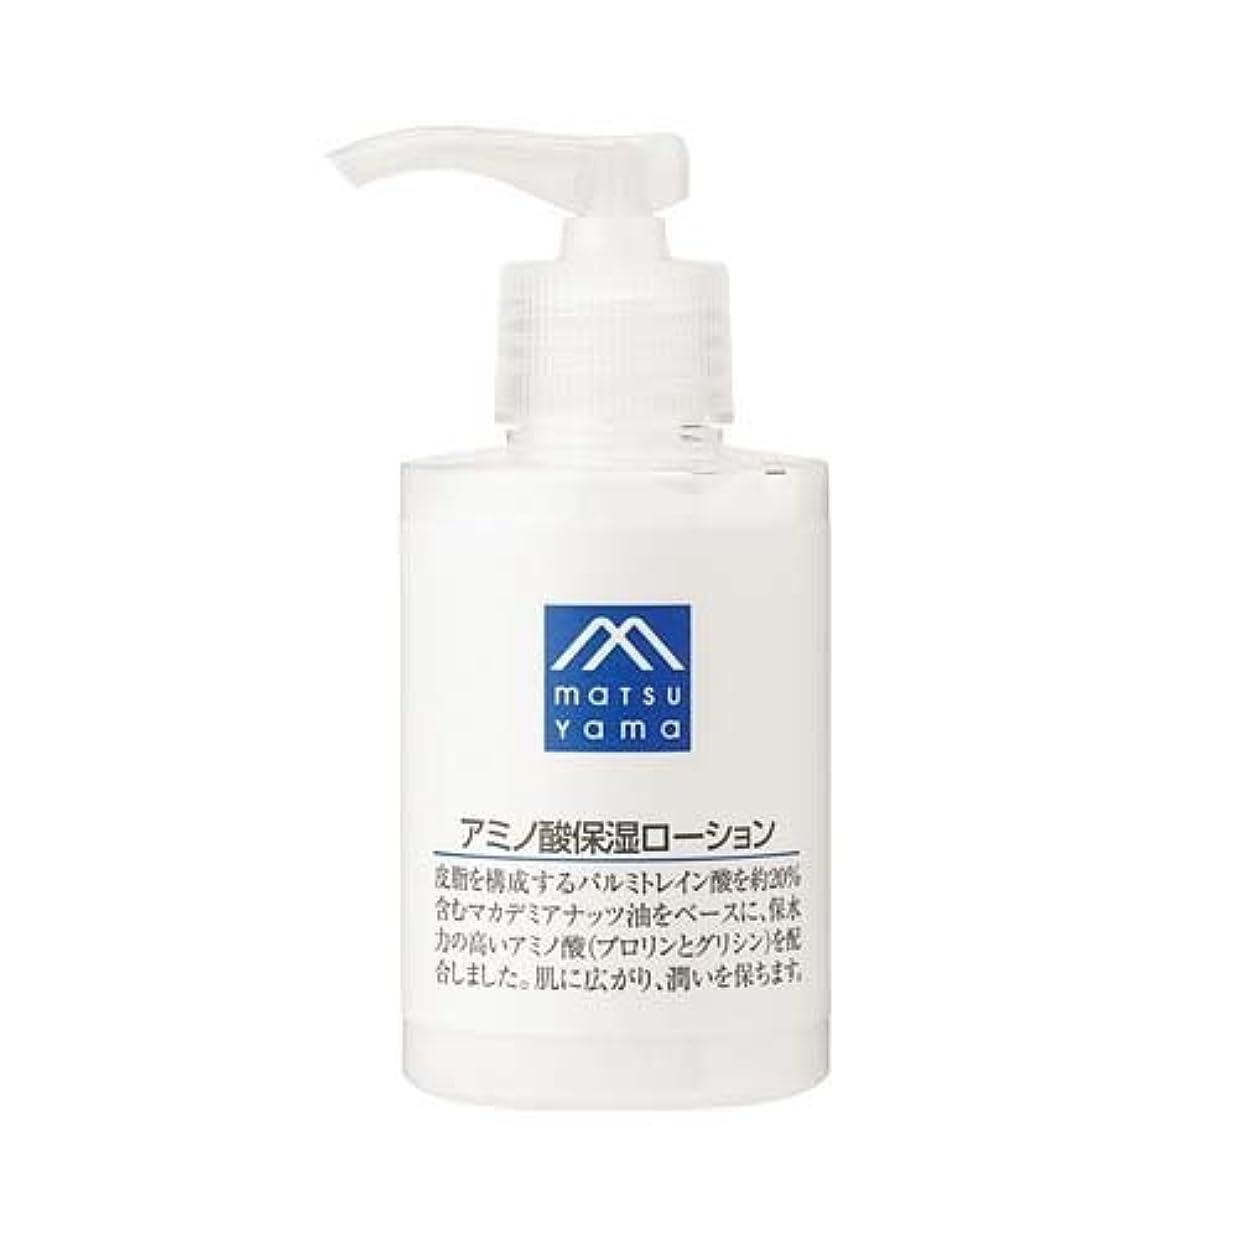 松山油脂 アミノ酸保湿ローション 120mL